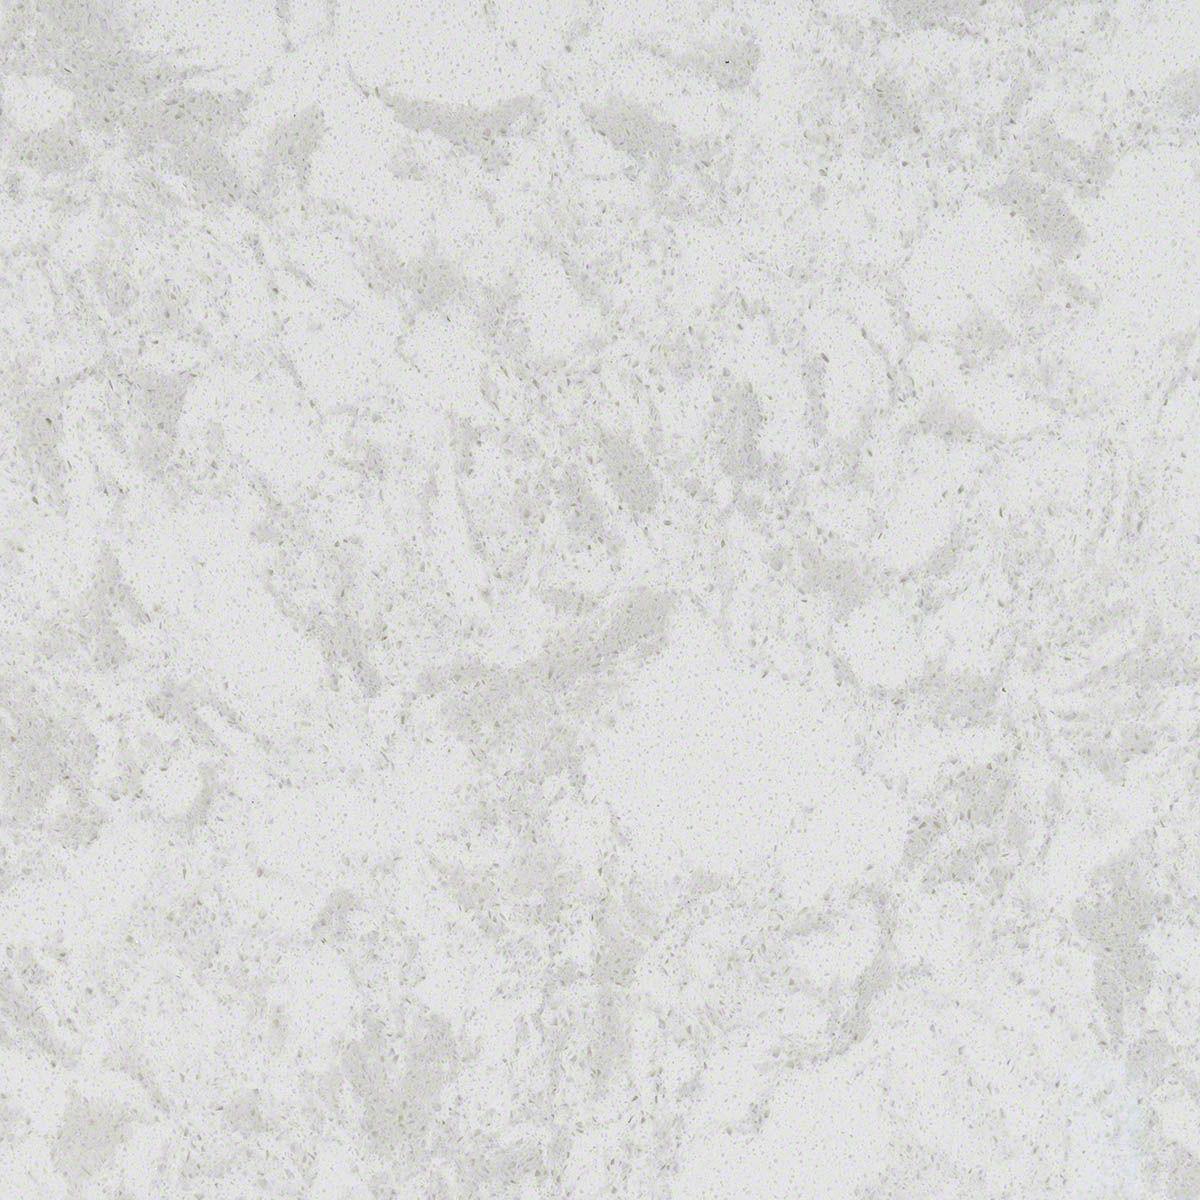 Pelican White Quartz Group 4